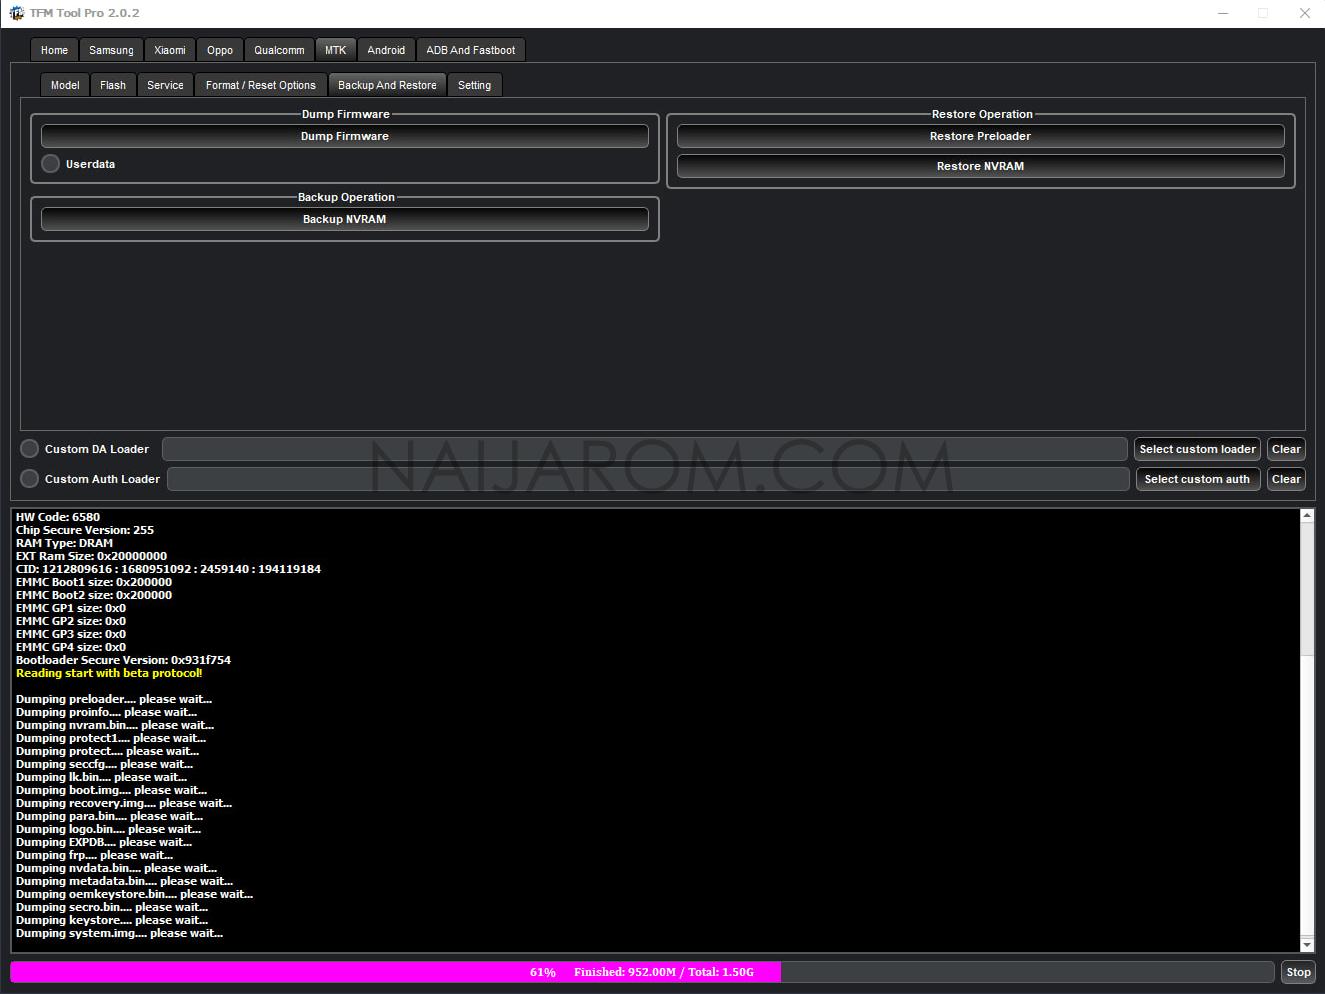 TFM Tool Pro v2.0.2